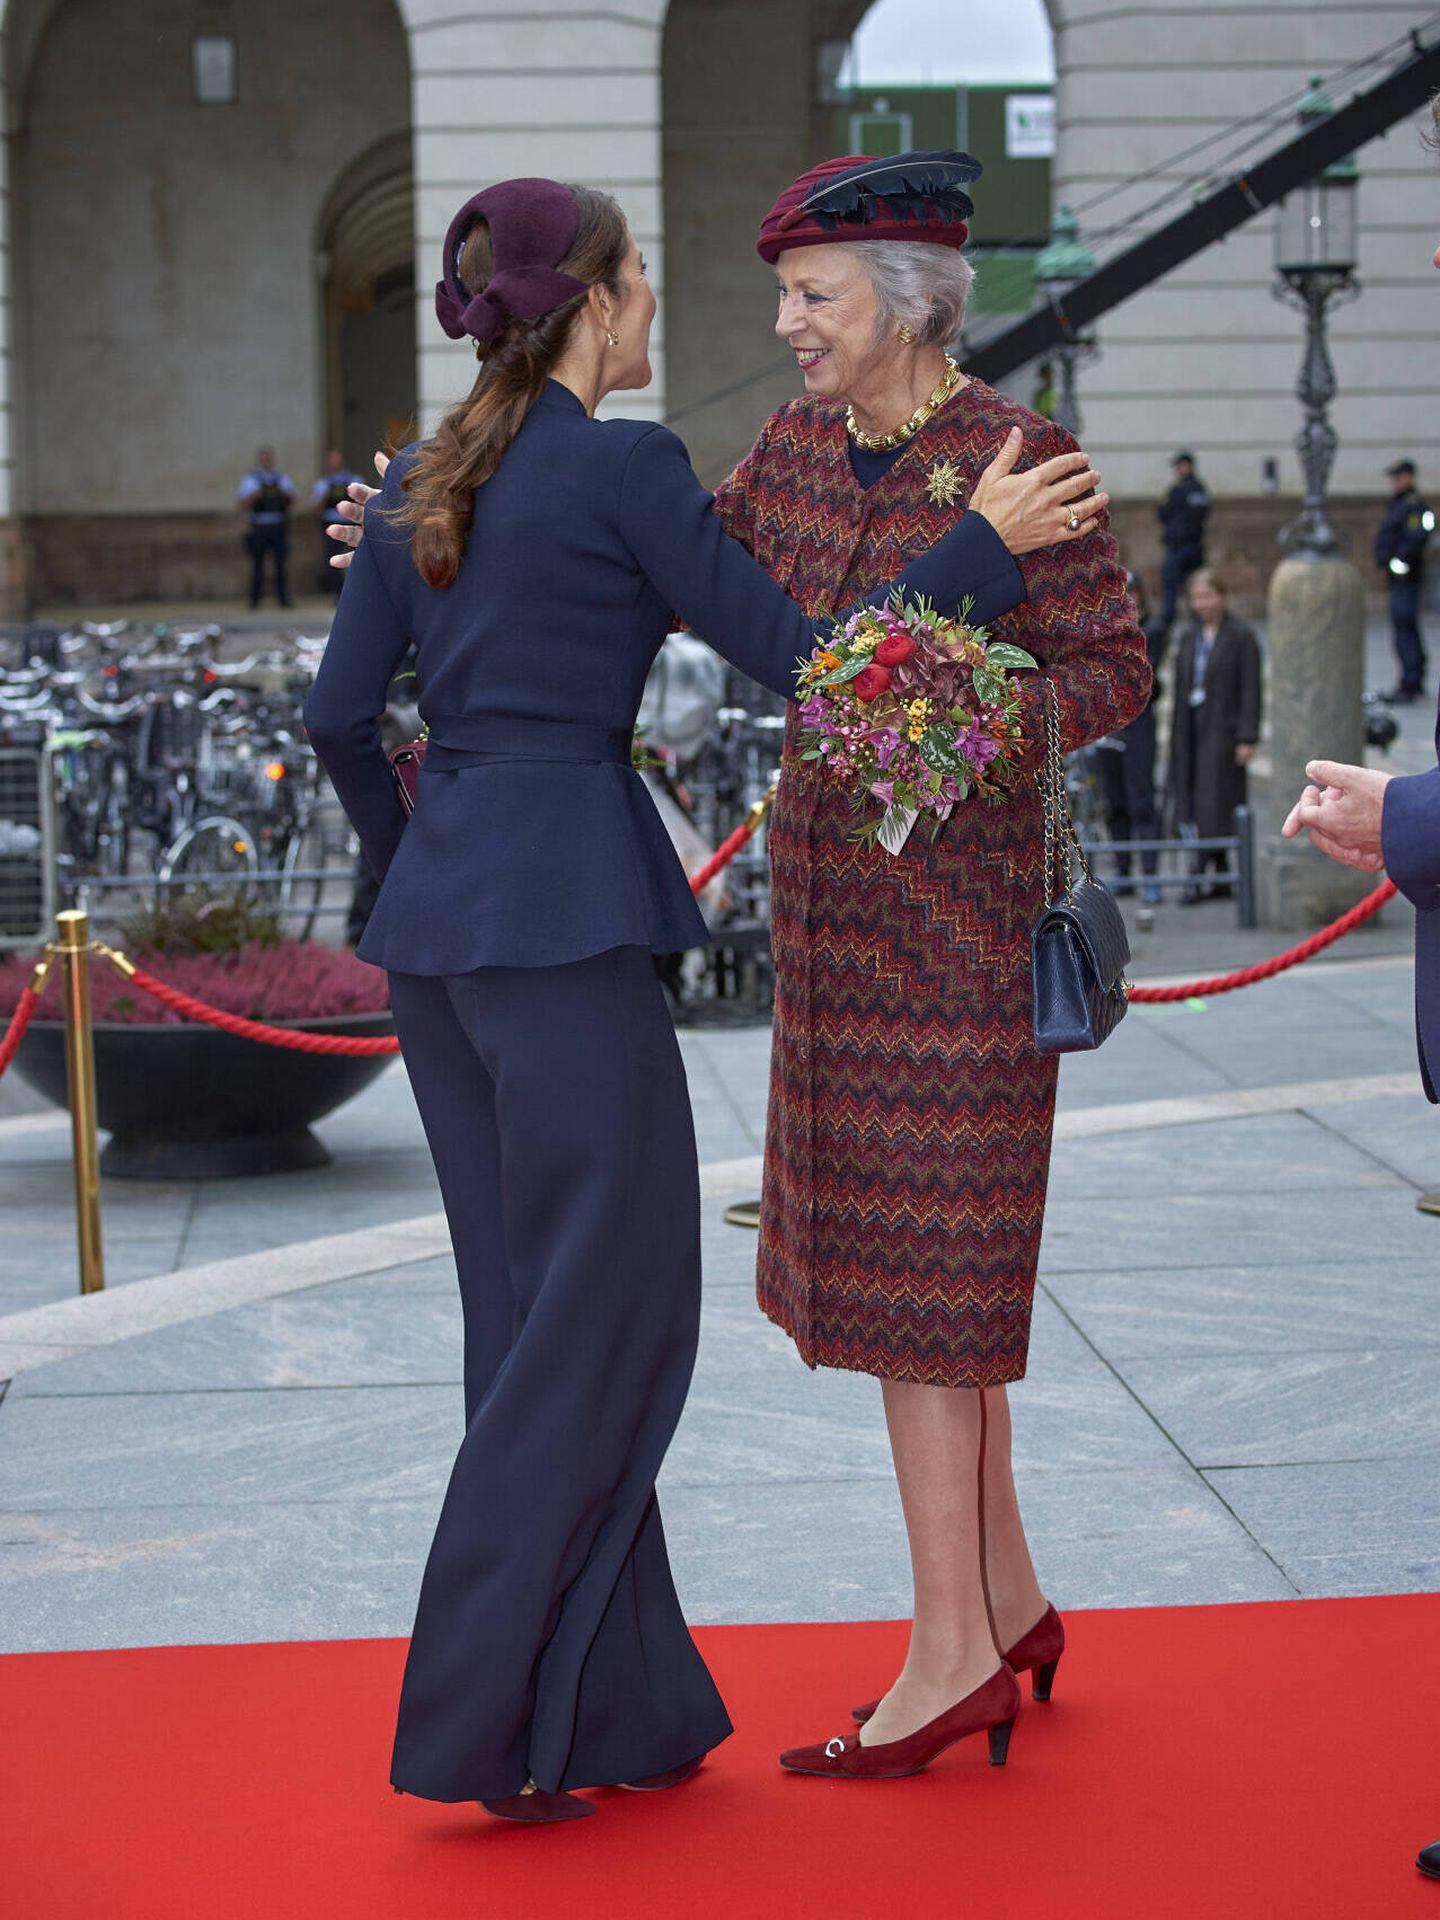 Mary, saludando a la princesa Benedicta. (Gtres)